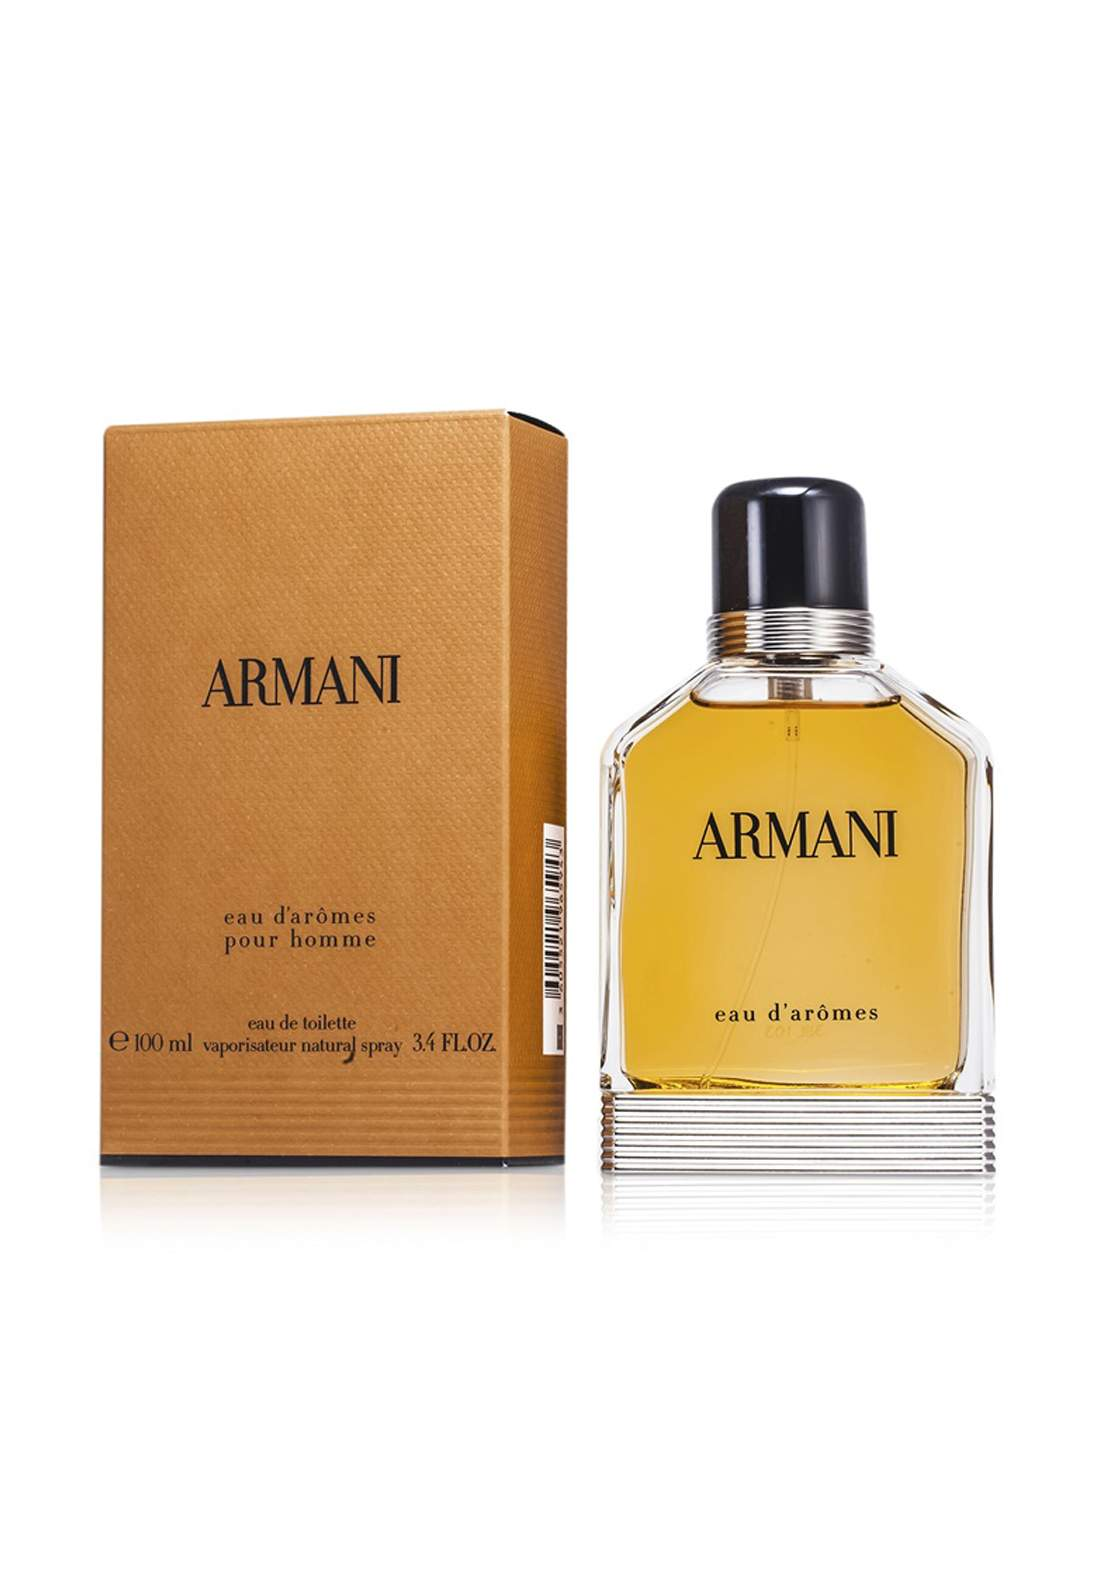 Giorgio Armani D'Aromis Eau De Toilette For Men 100 ml عطر رجالي